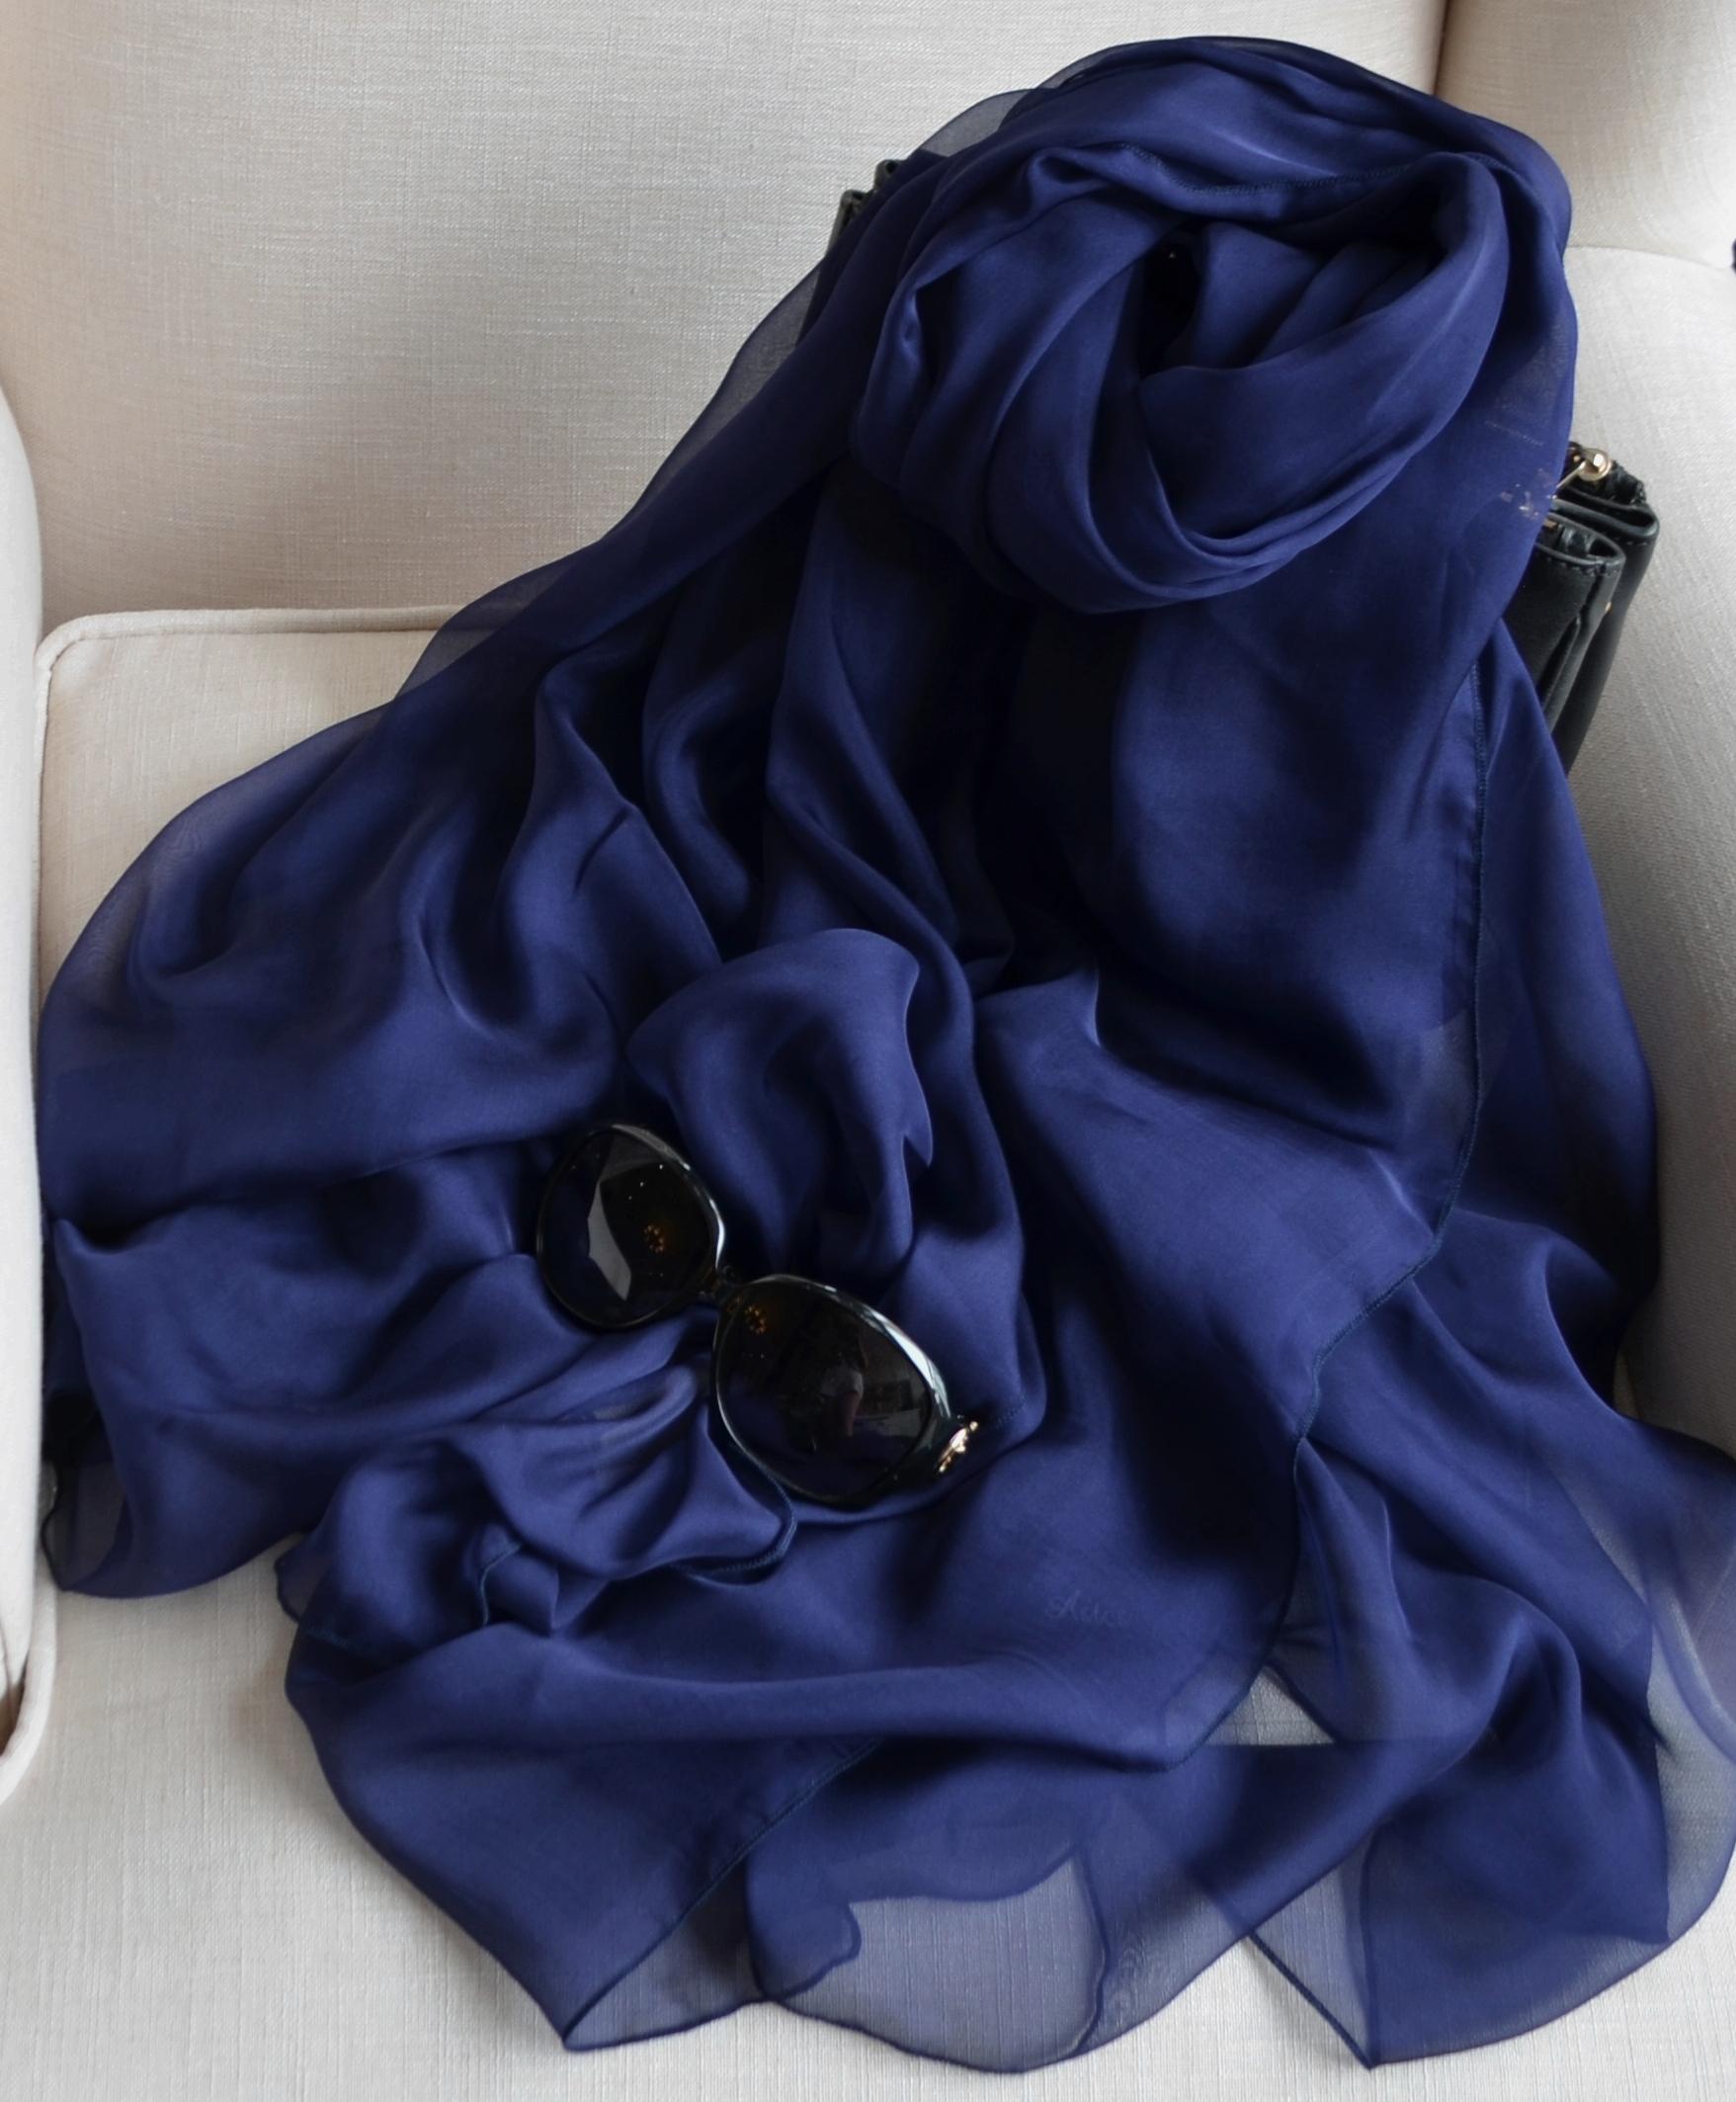 春秋文艺范藏蓝色超长薄围巾纯色百分百真丝巾桑蚕丝女大披肩